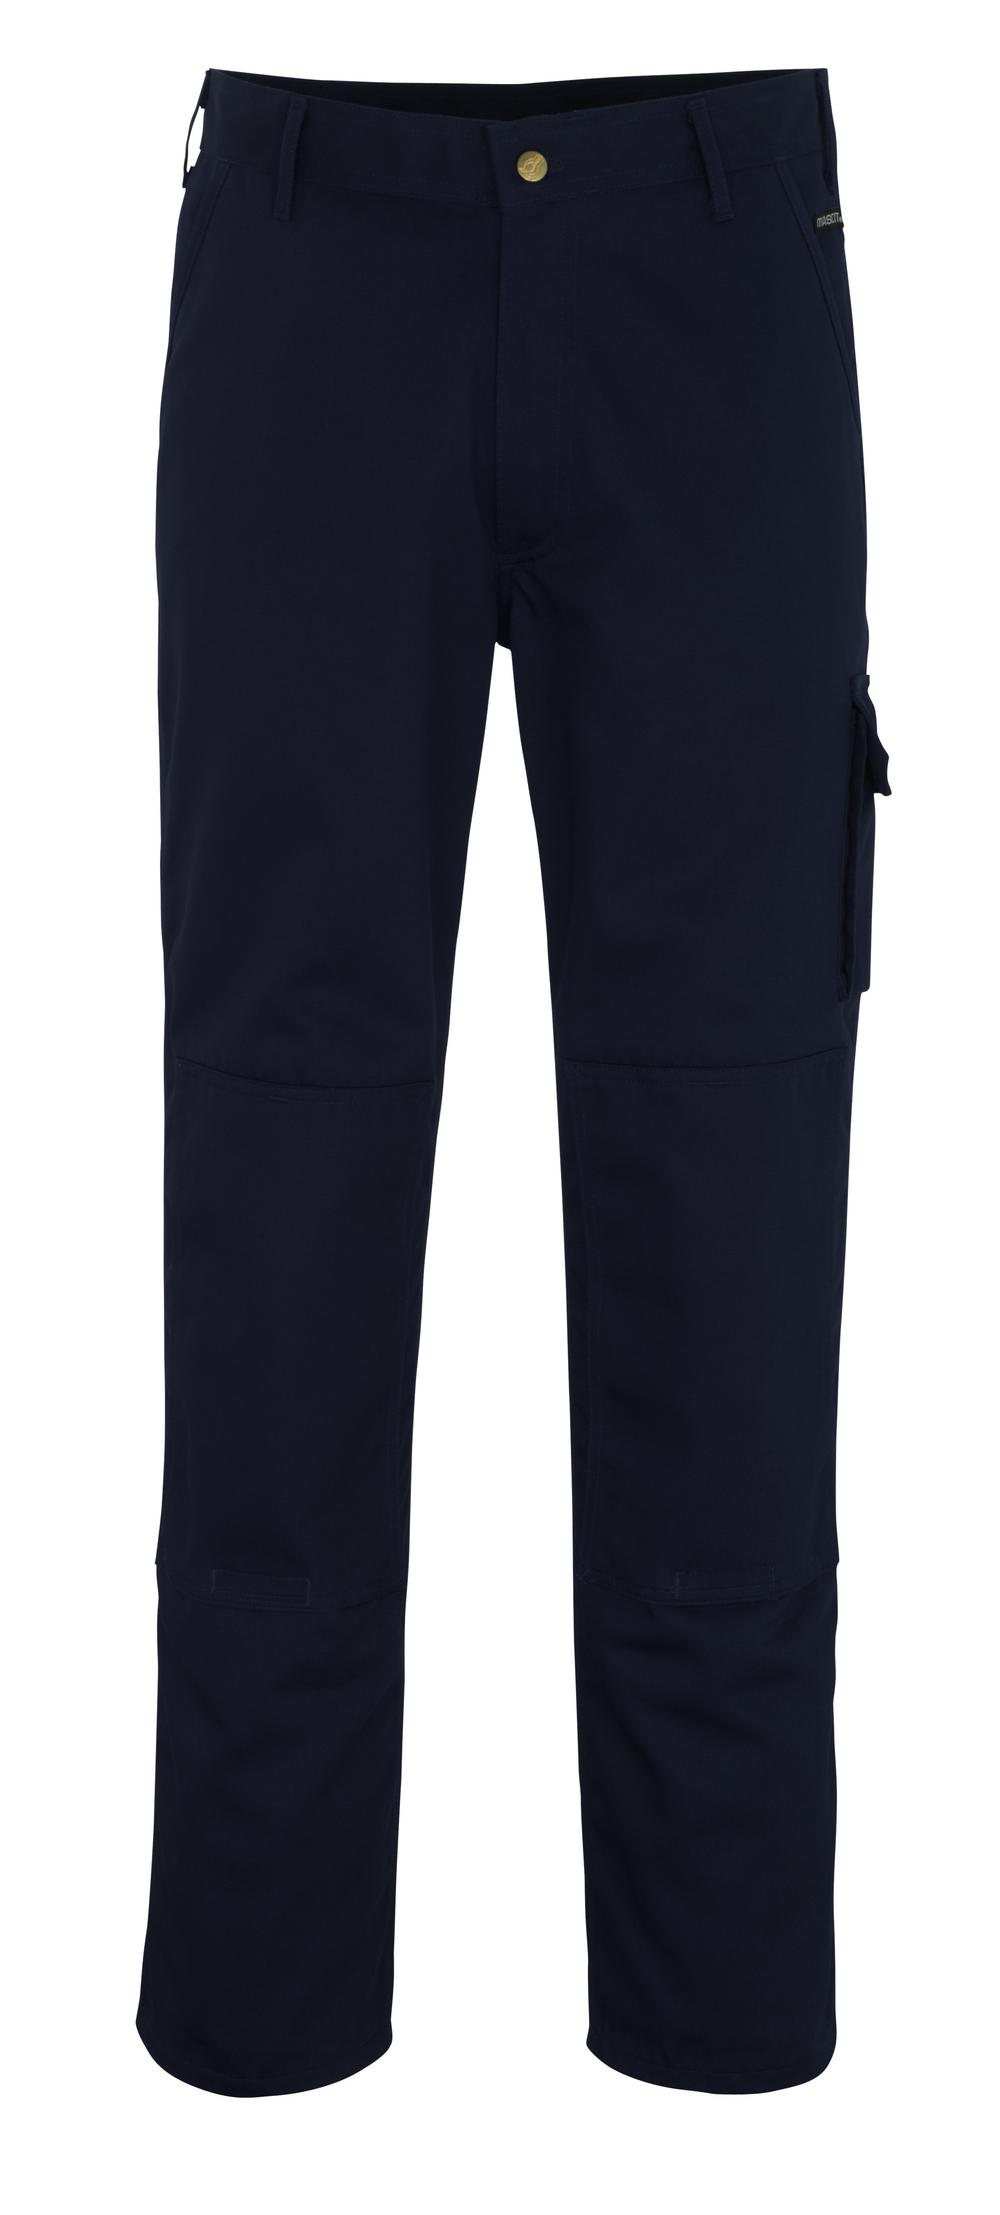 00279-430-01 Broek met kniezakken - marine